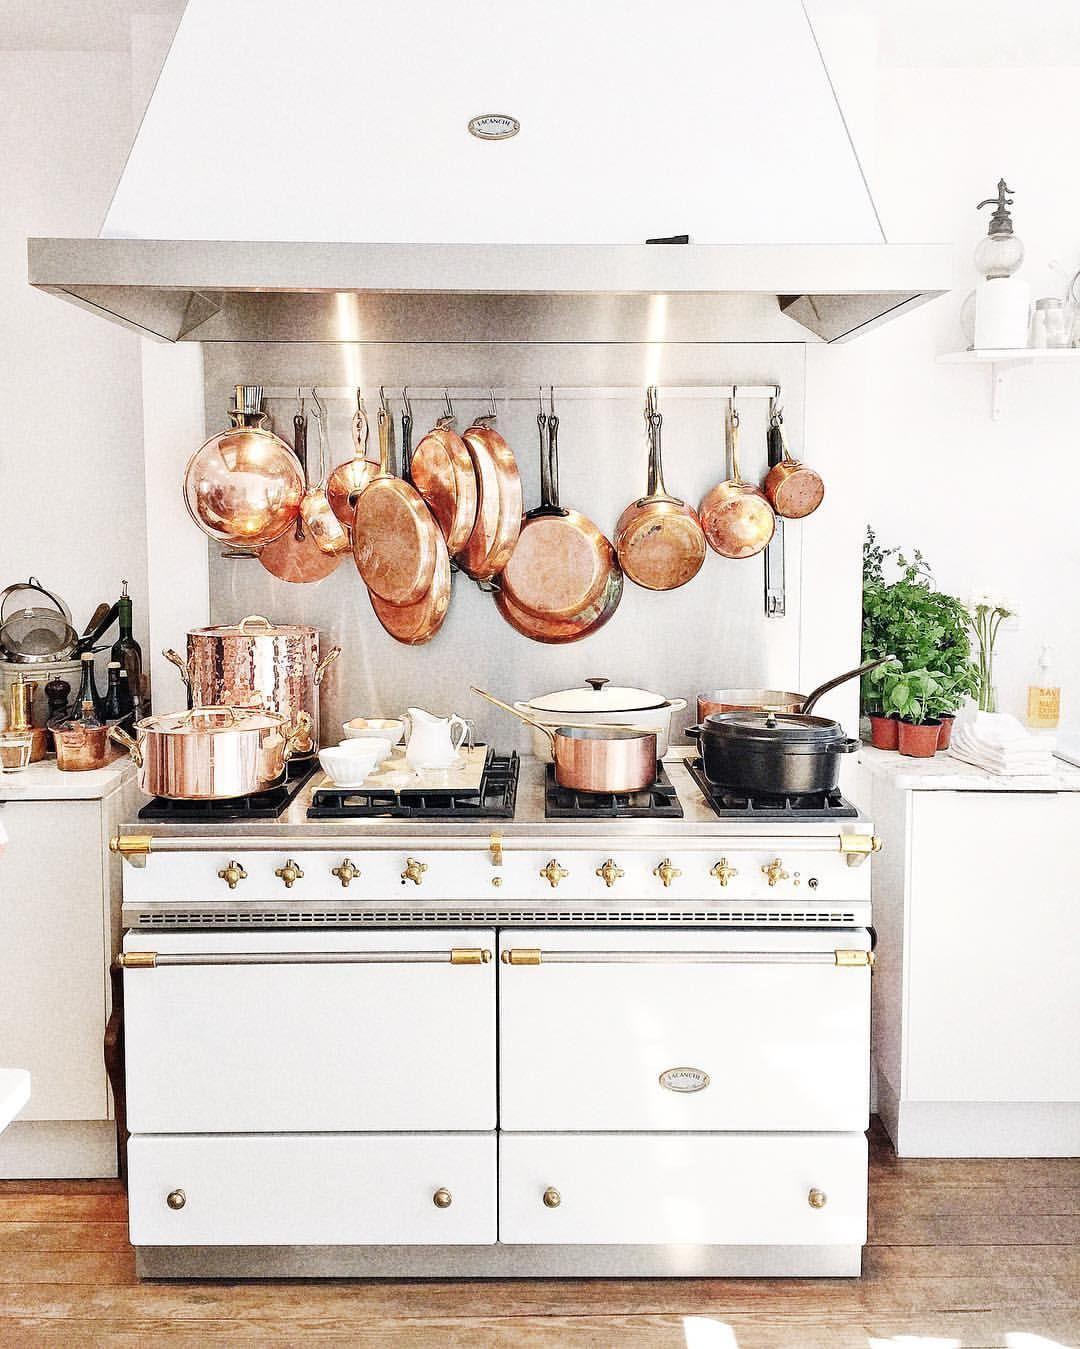 Ausgezeichnet Calphalon Küche Essentials Zeitgenössisch - Küche Set ...